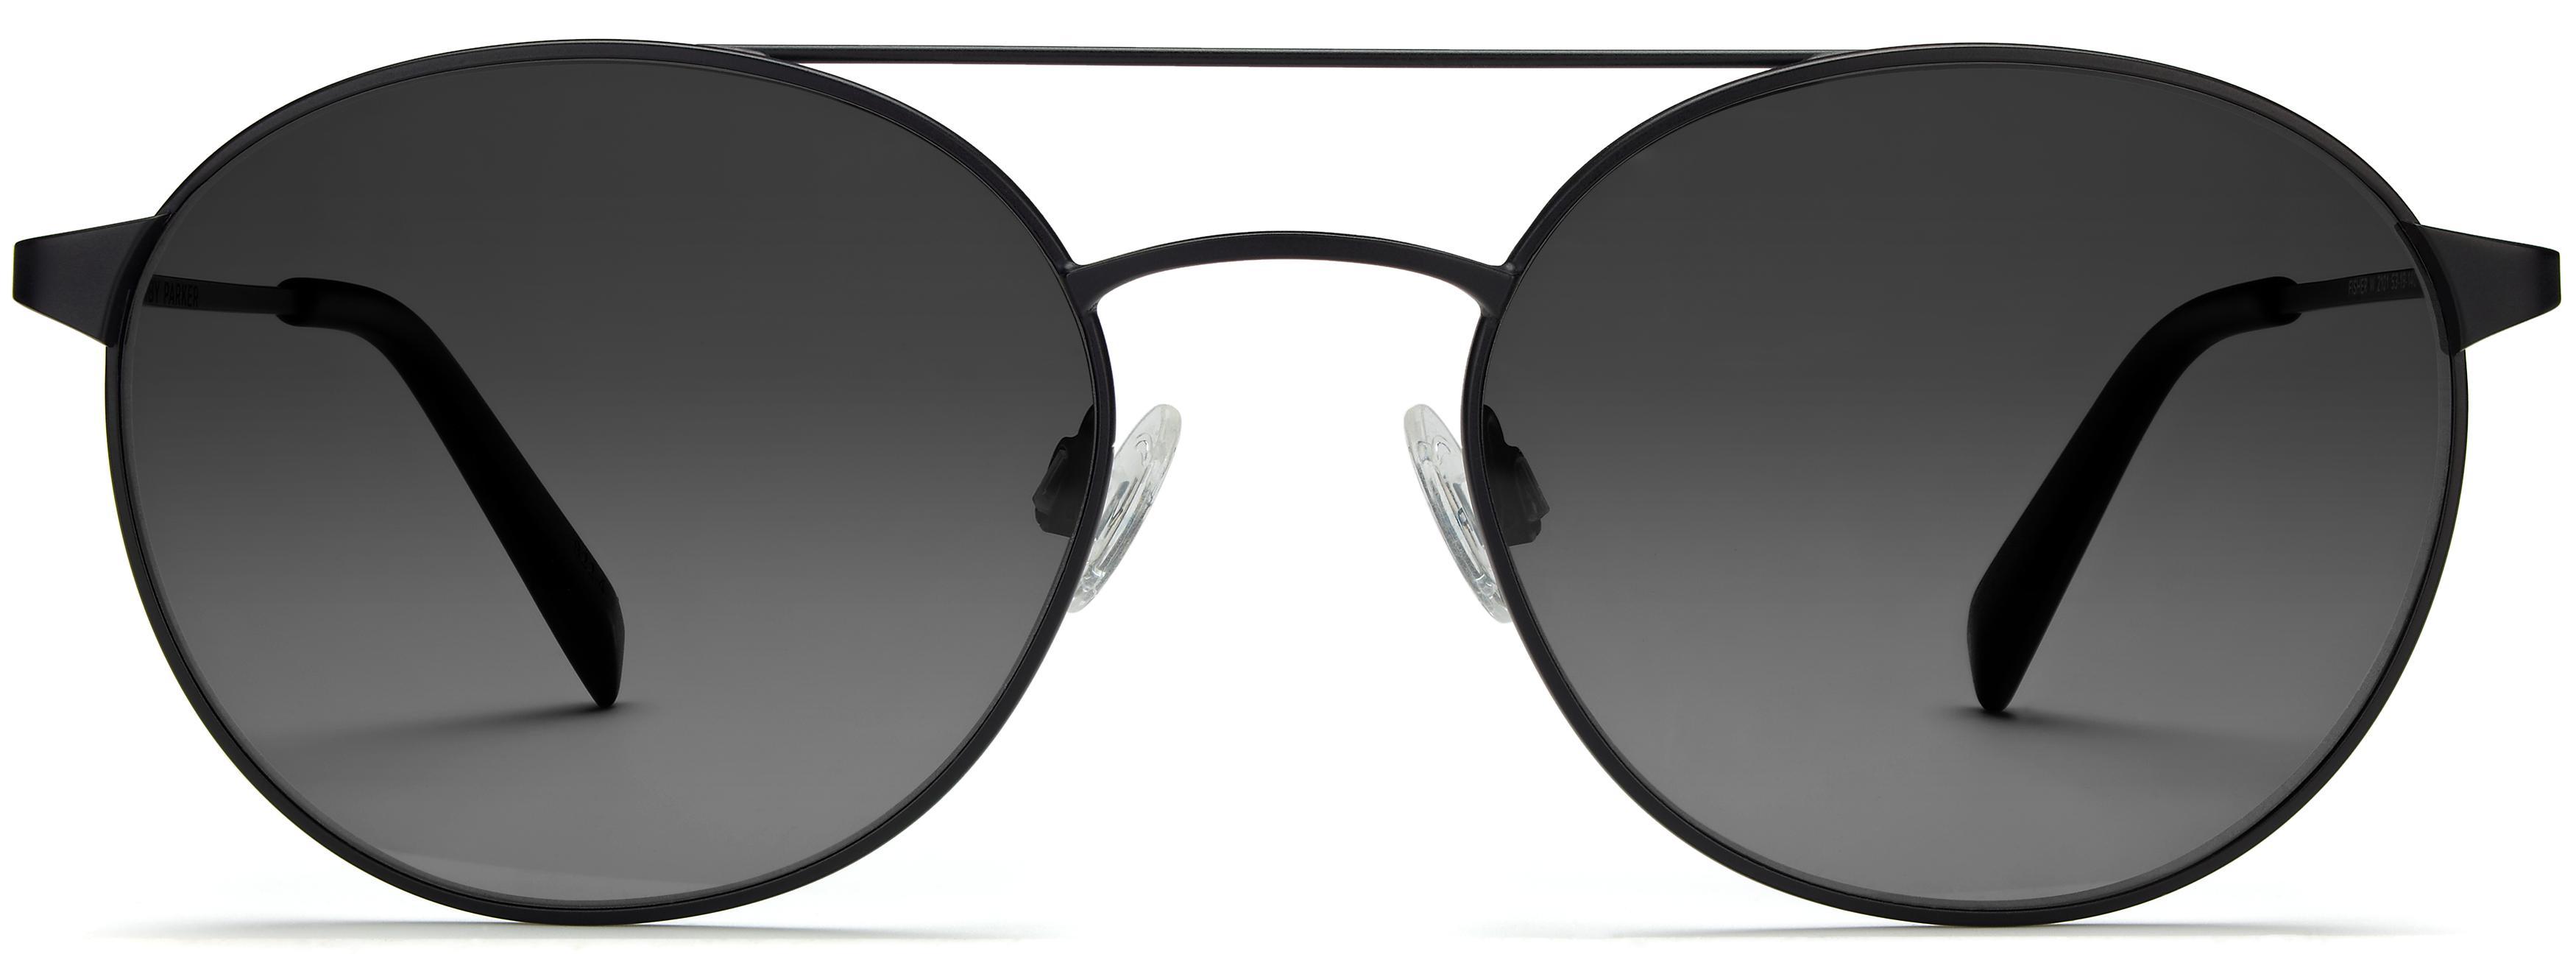 7e28e07c5c8 Men s Sunglasses